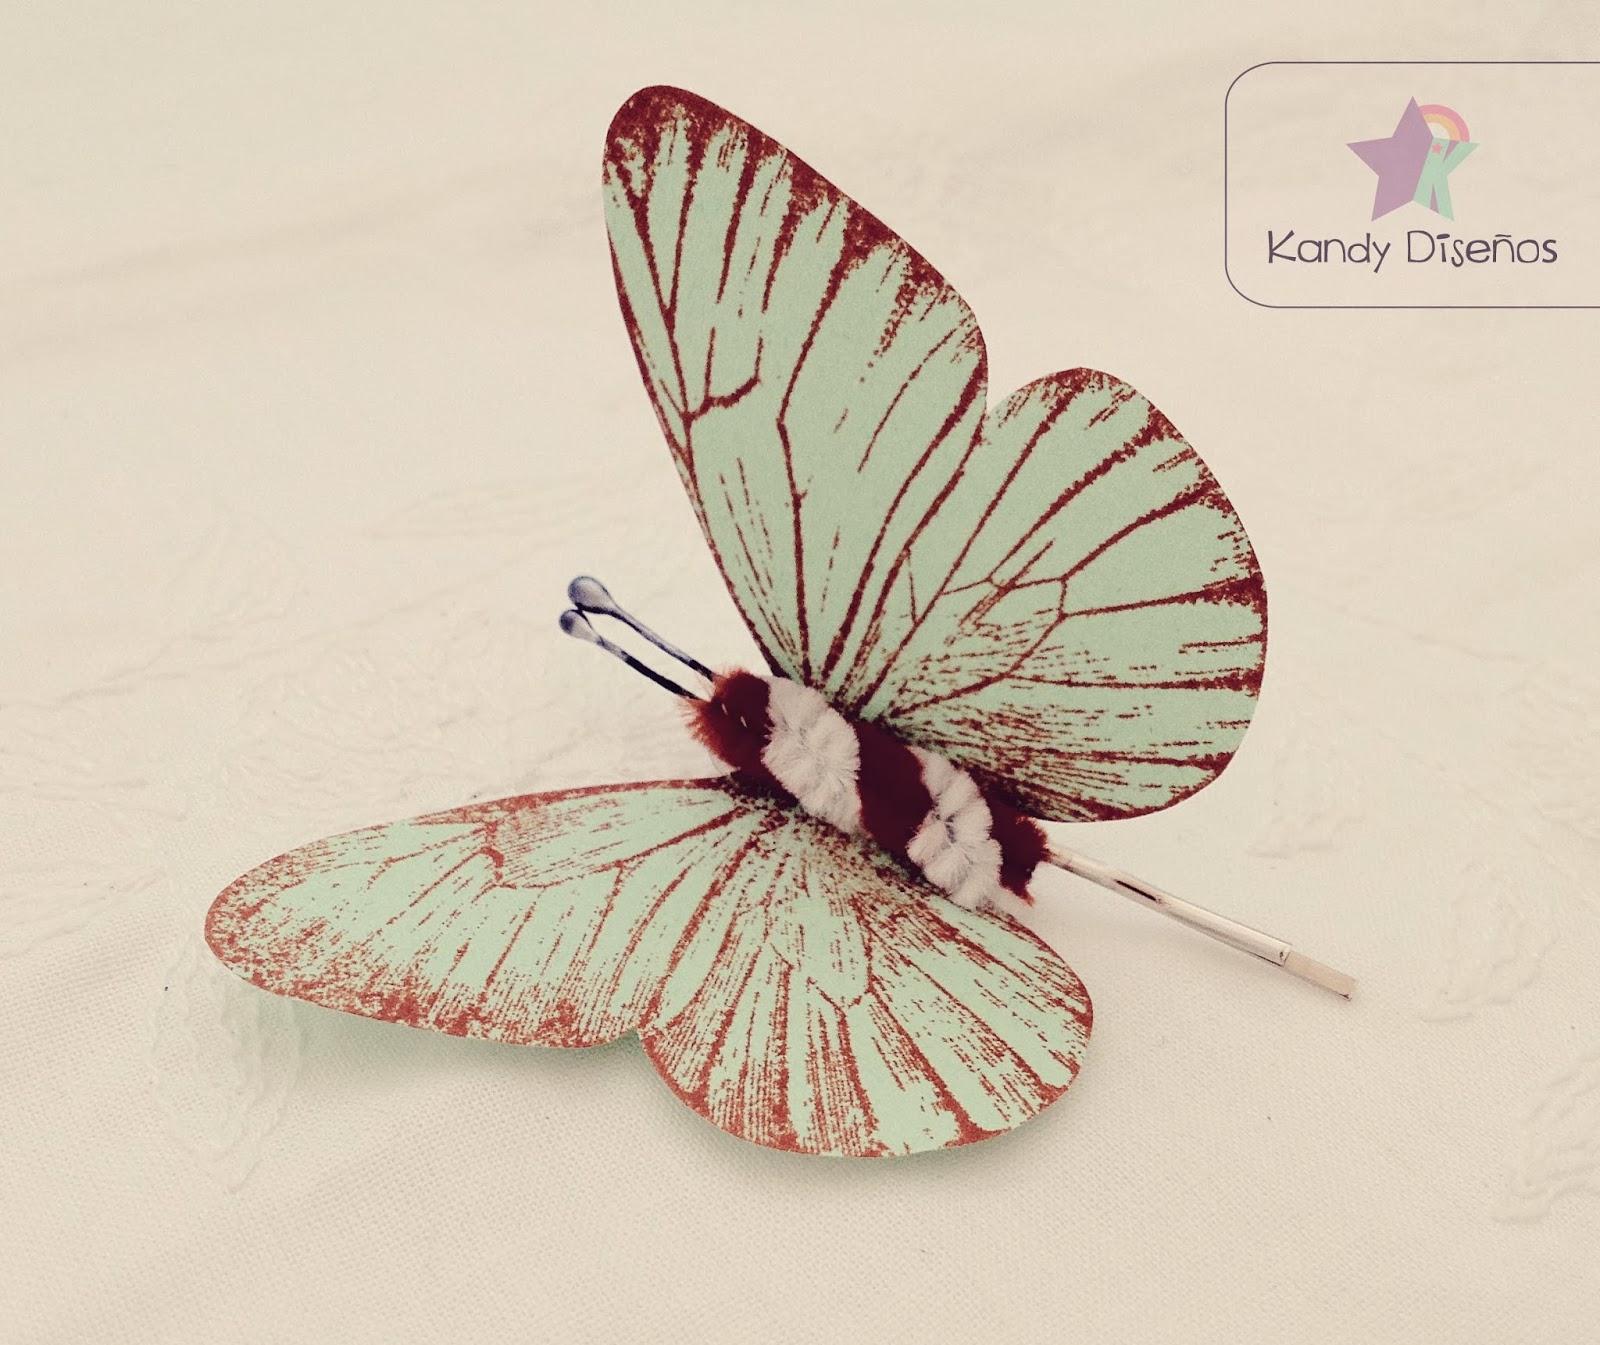 https://www.etsy.com/listing/105232690/butterfly-bobby-pin-mint-butterflies?ref=tre-2725697242-3